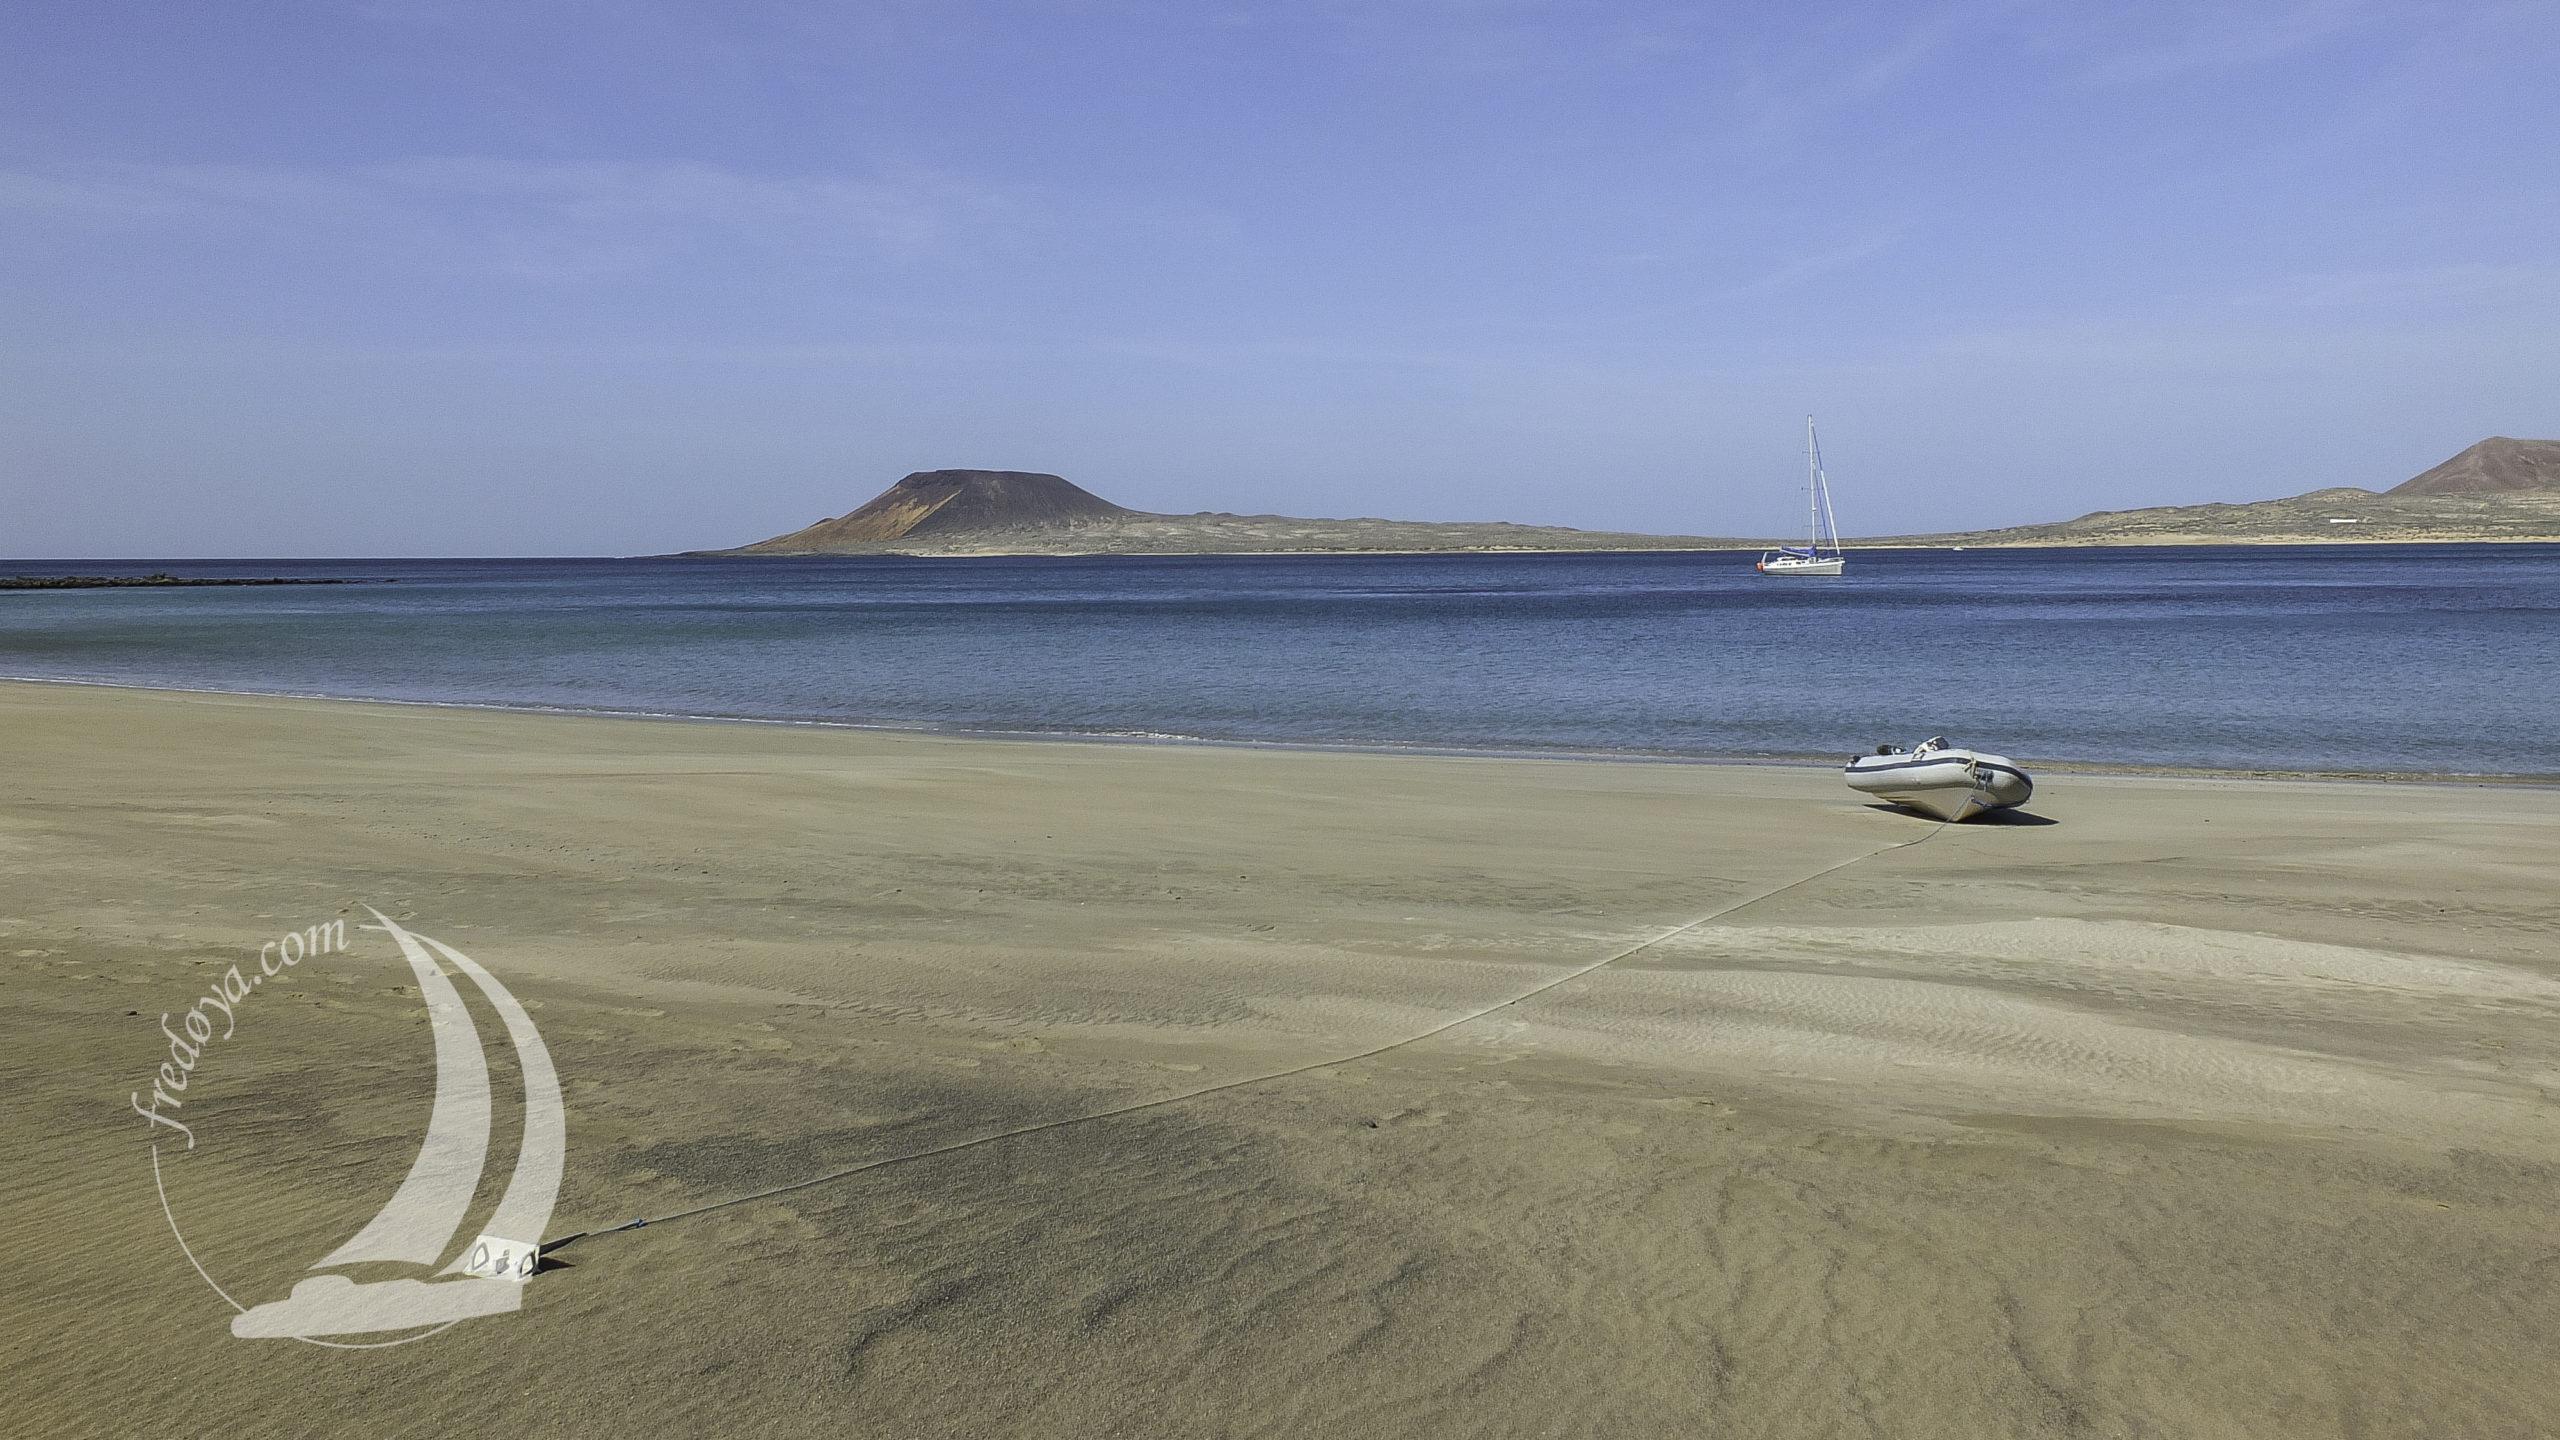 La plage de la Graciosa